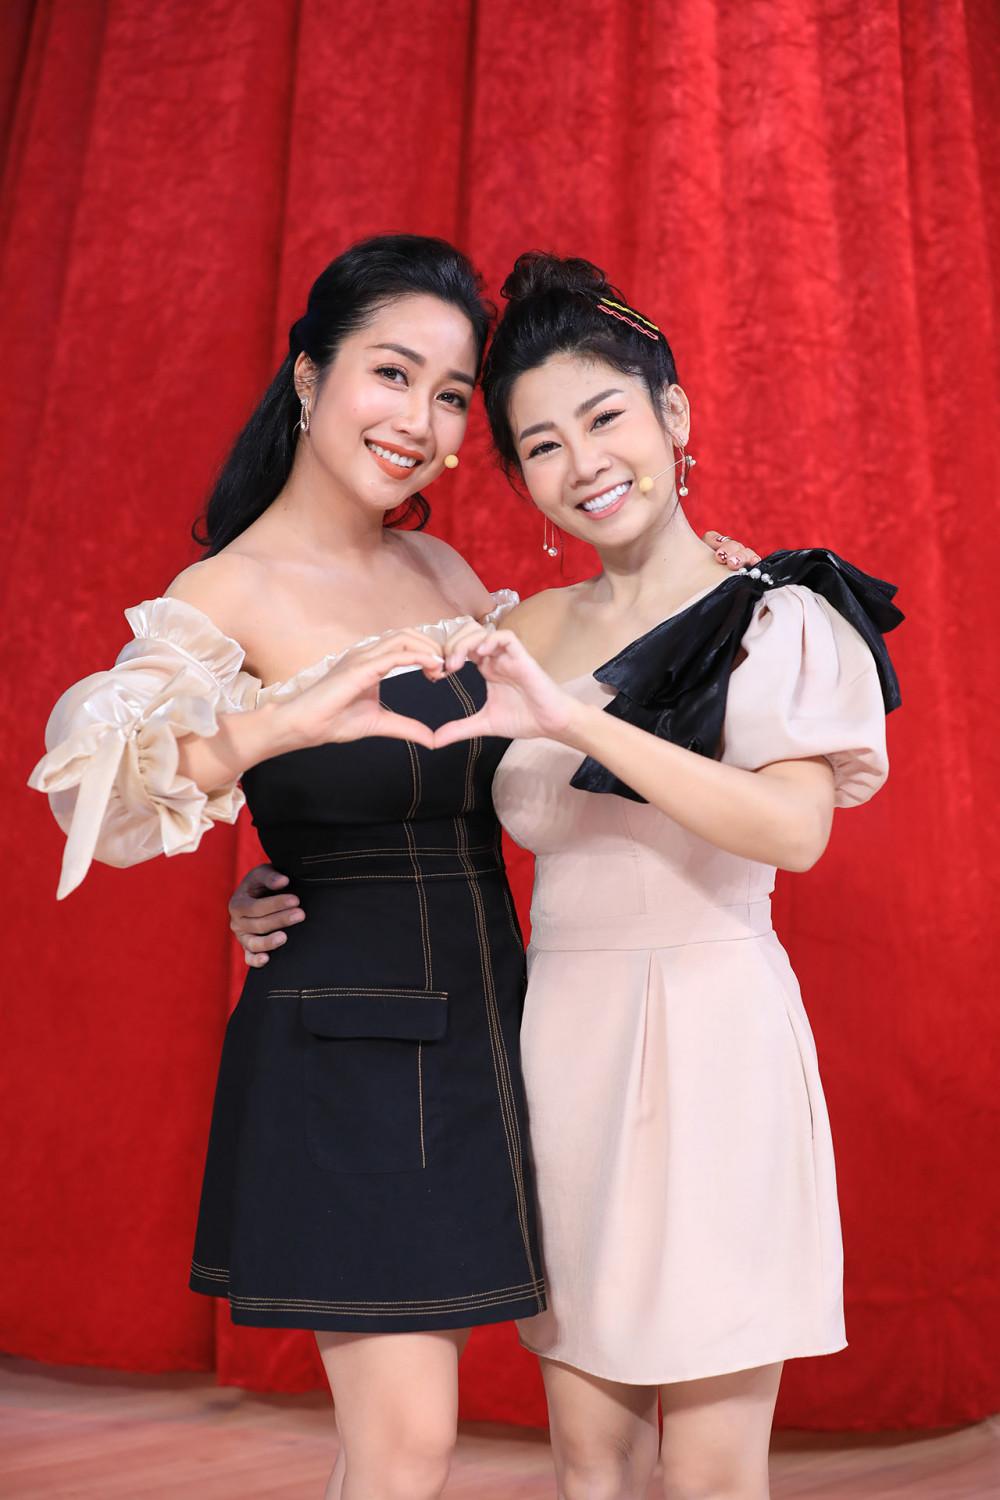 Diễn viên Mai Phương bên cạnh Ốc Thanh Vân khi quay gameshow trong thời gian điều trị bệnh.